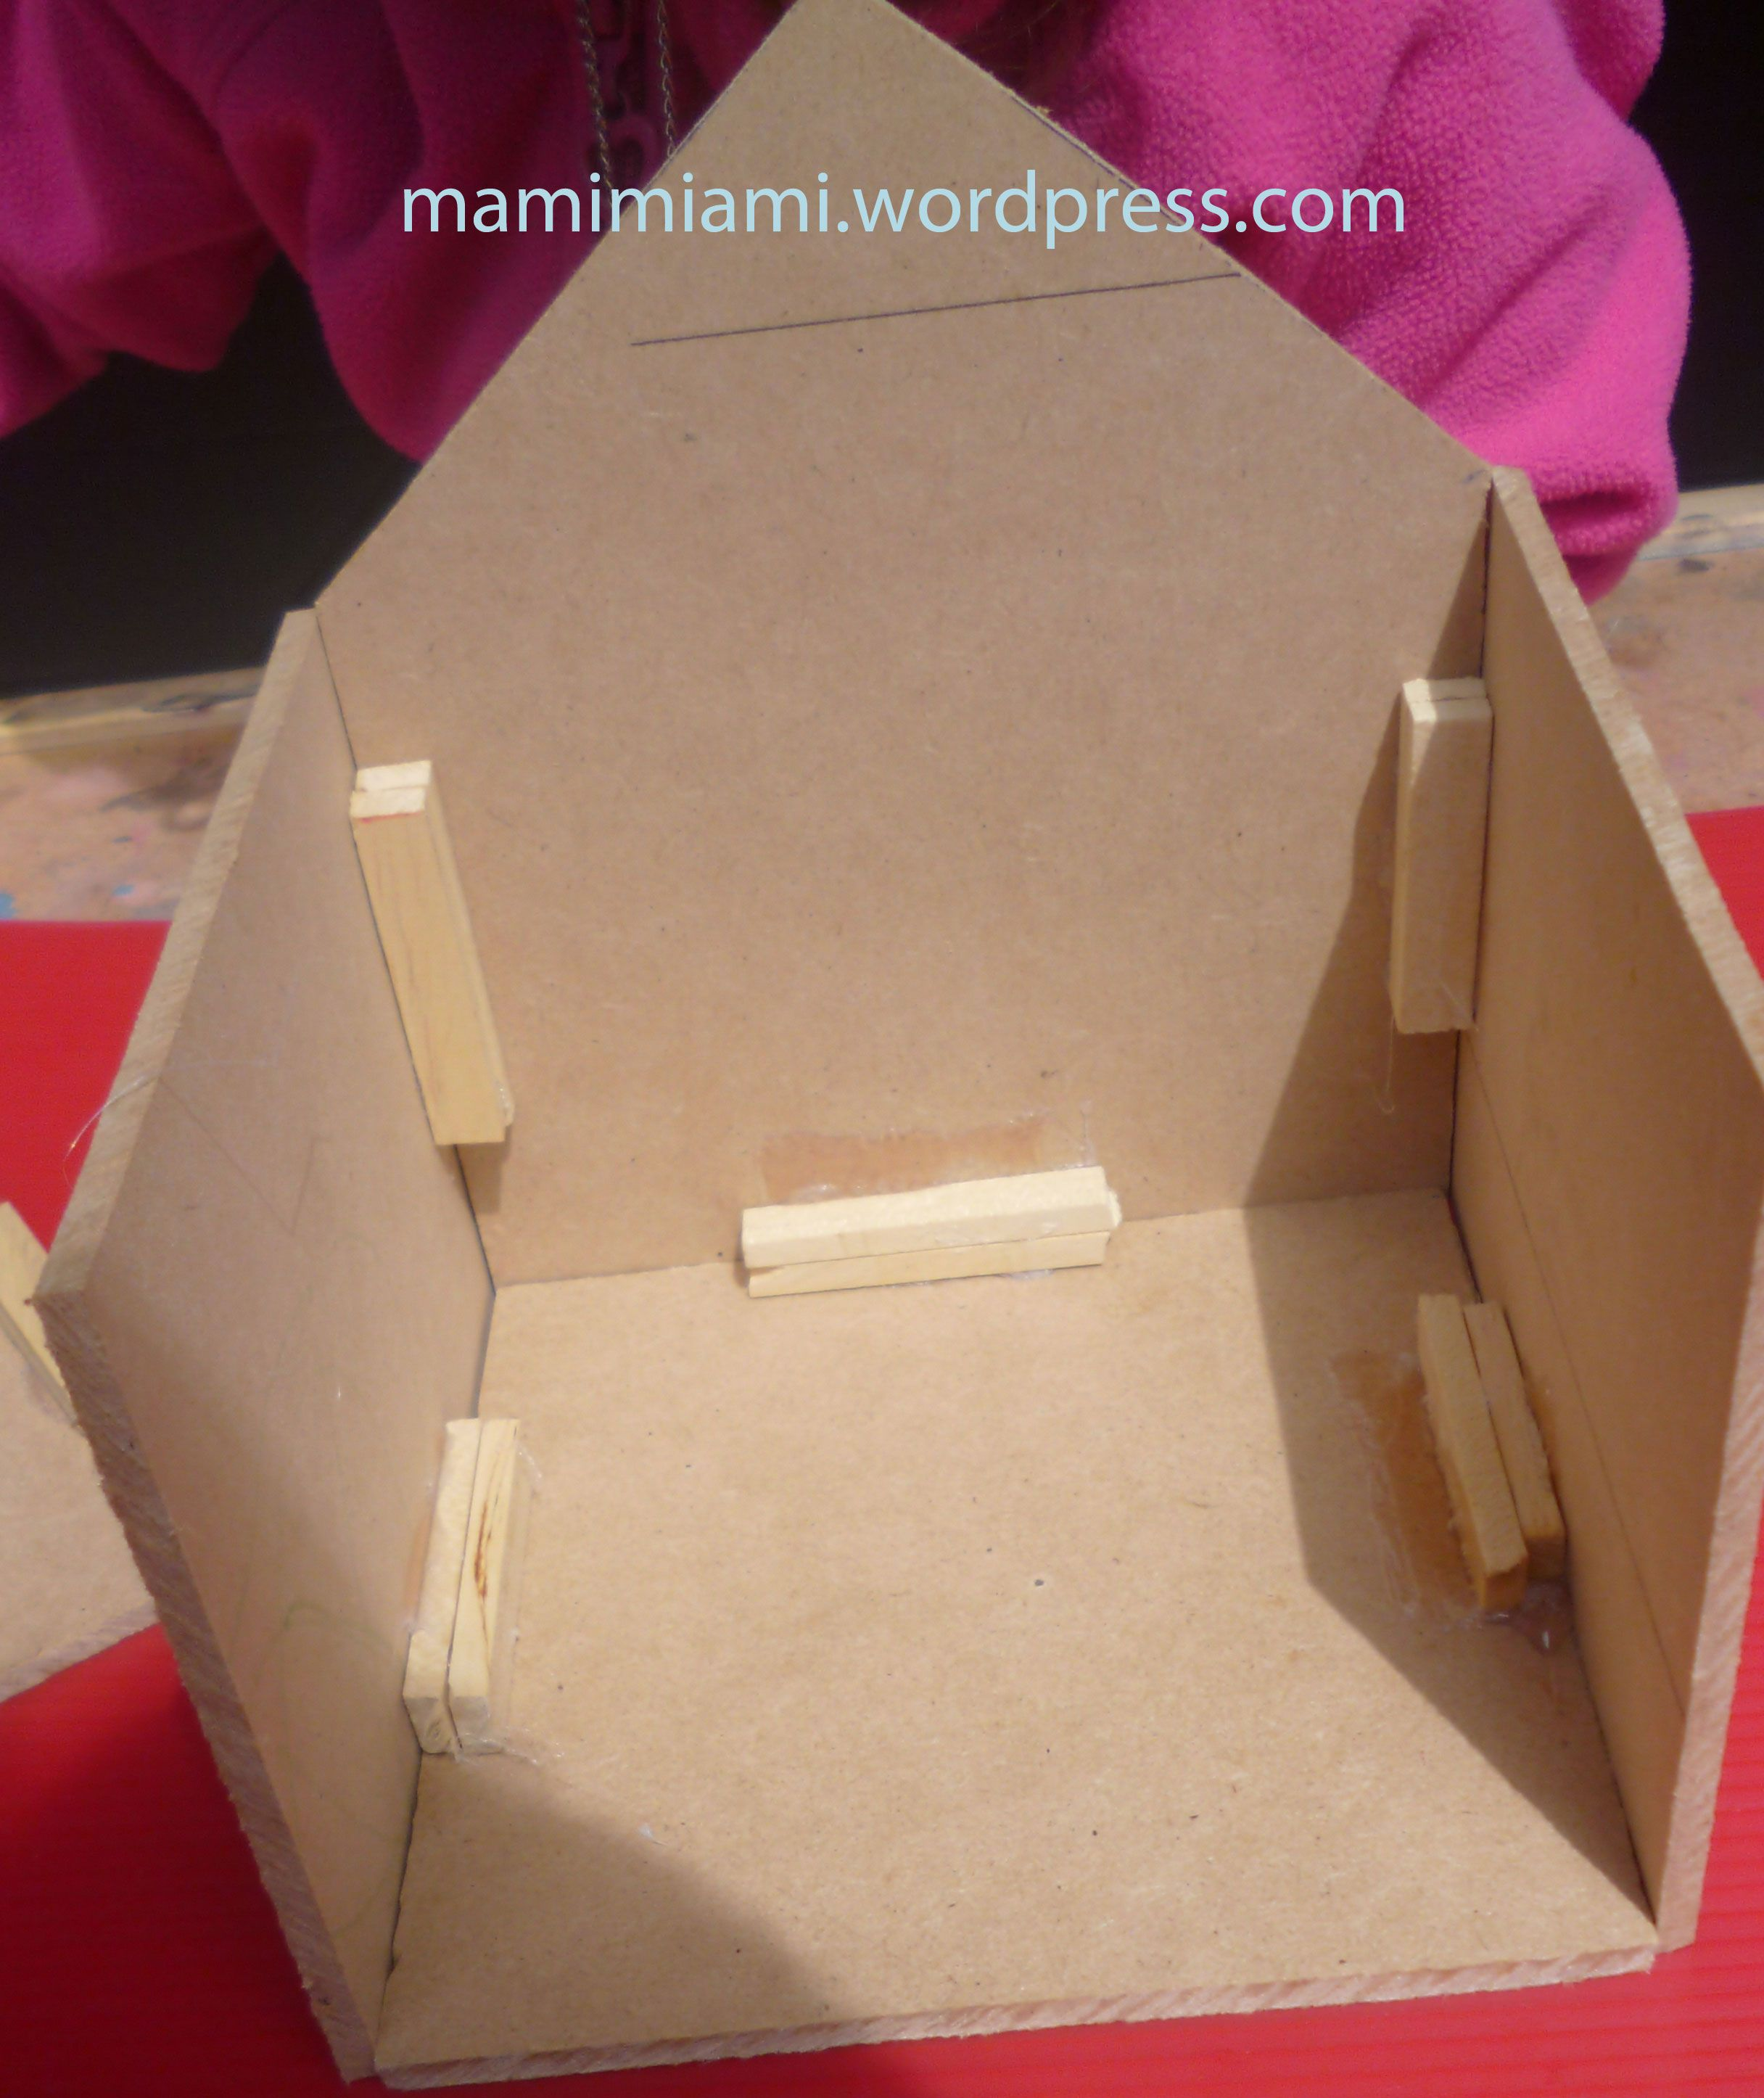 Diy come costruire una casetta per gli uccelli mammamiami casette uccellini pinterest - Casa da costruire ...